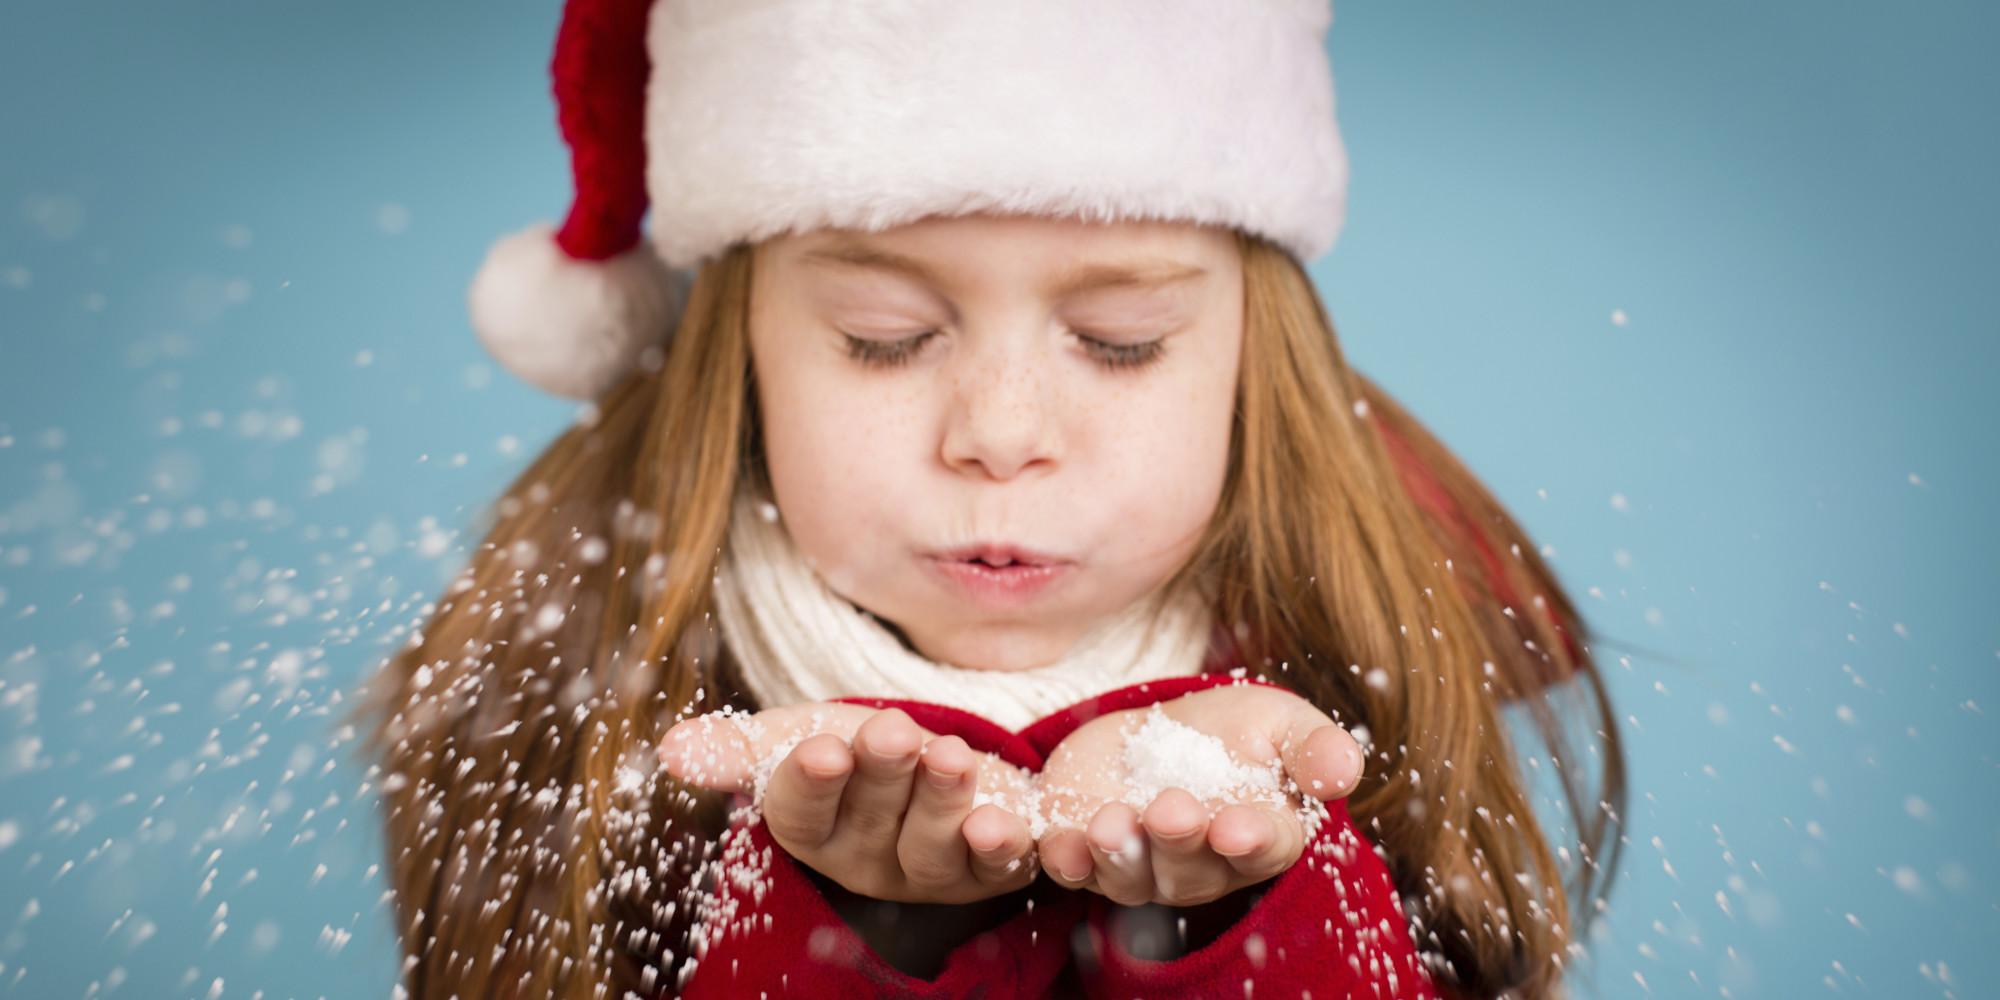 Исполняется ли желание на новый год